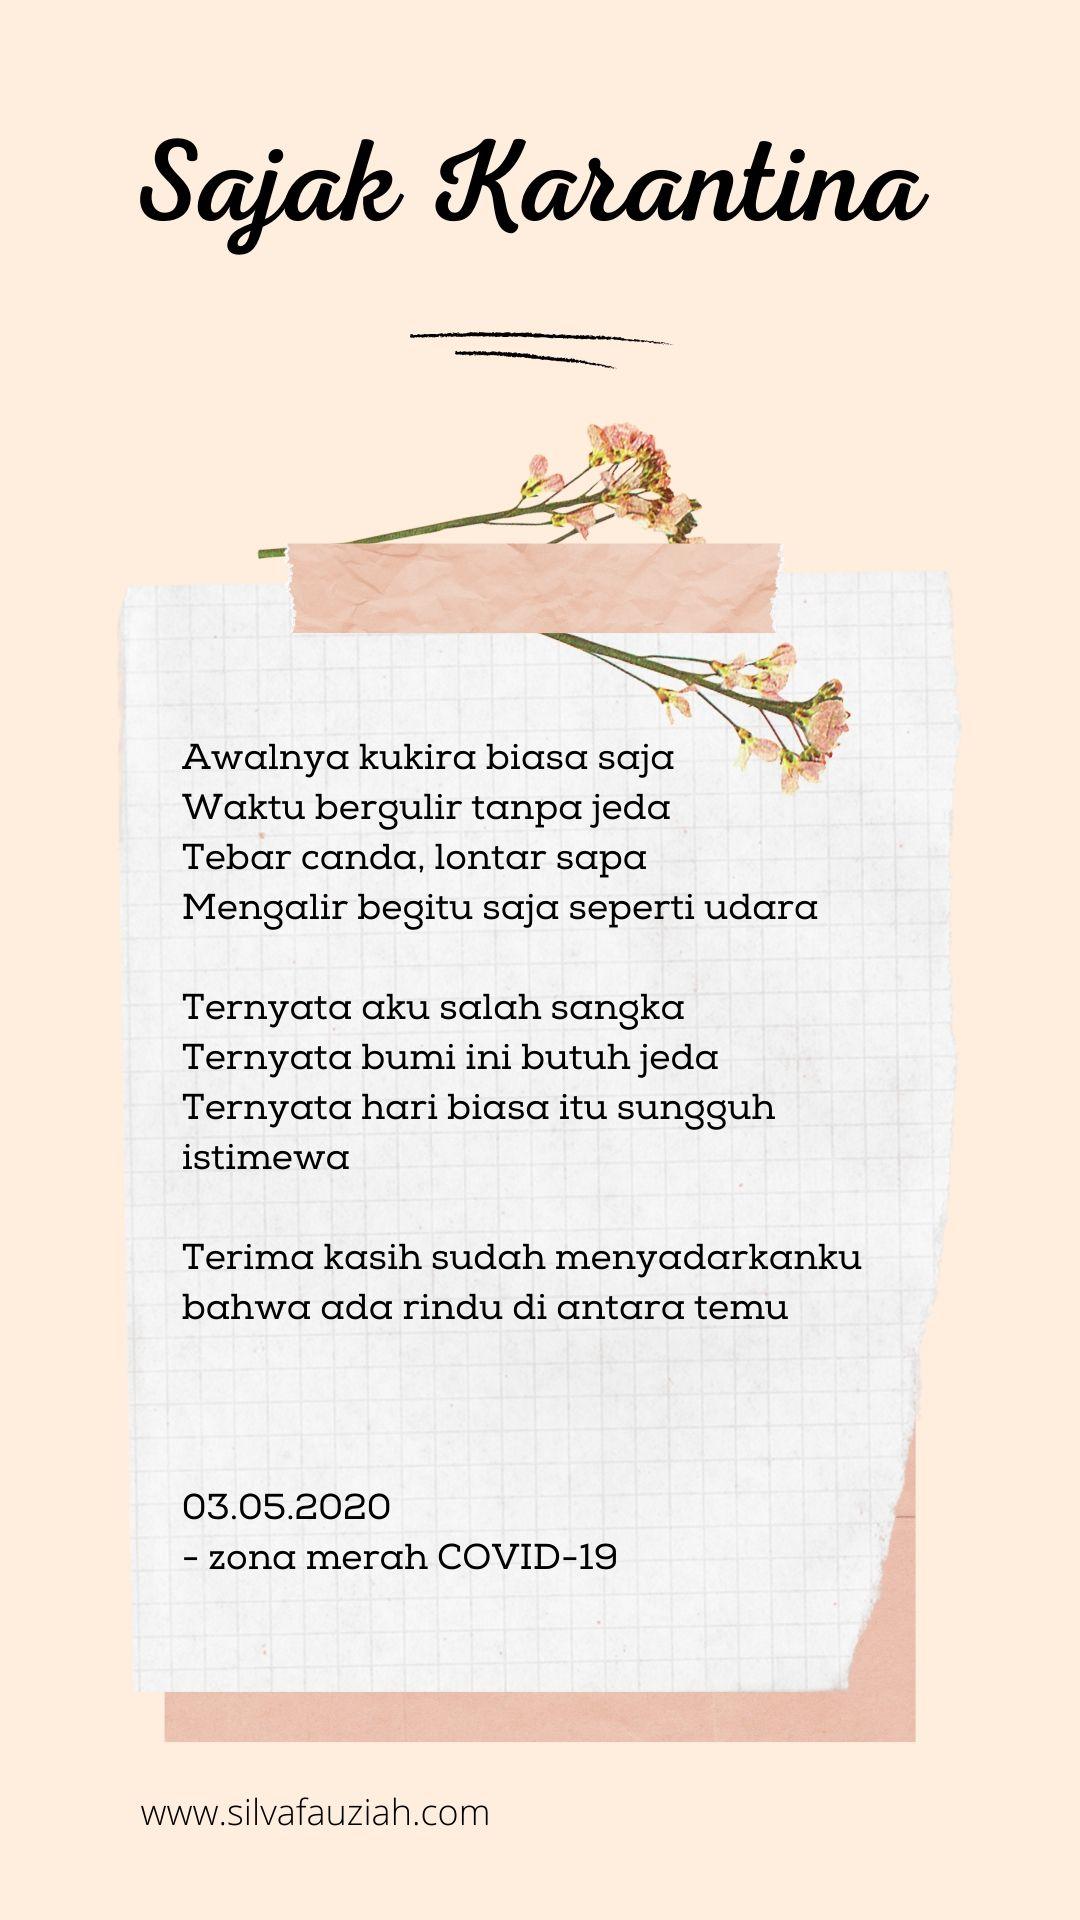 sajak karantina silvafauziah blog rev